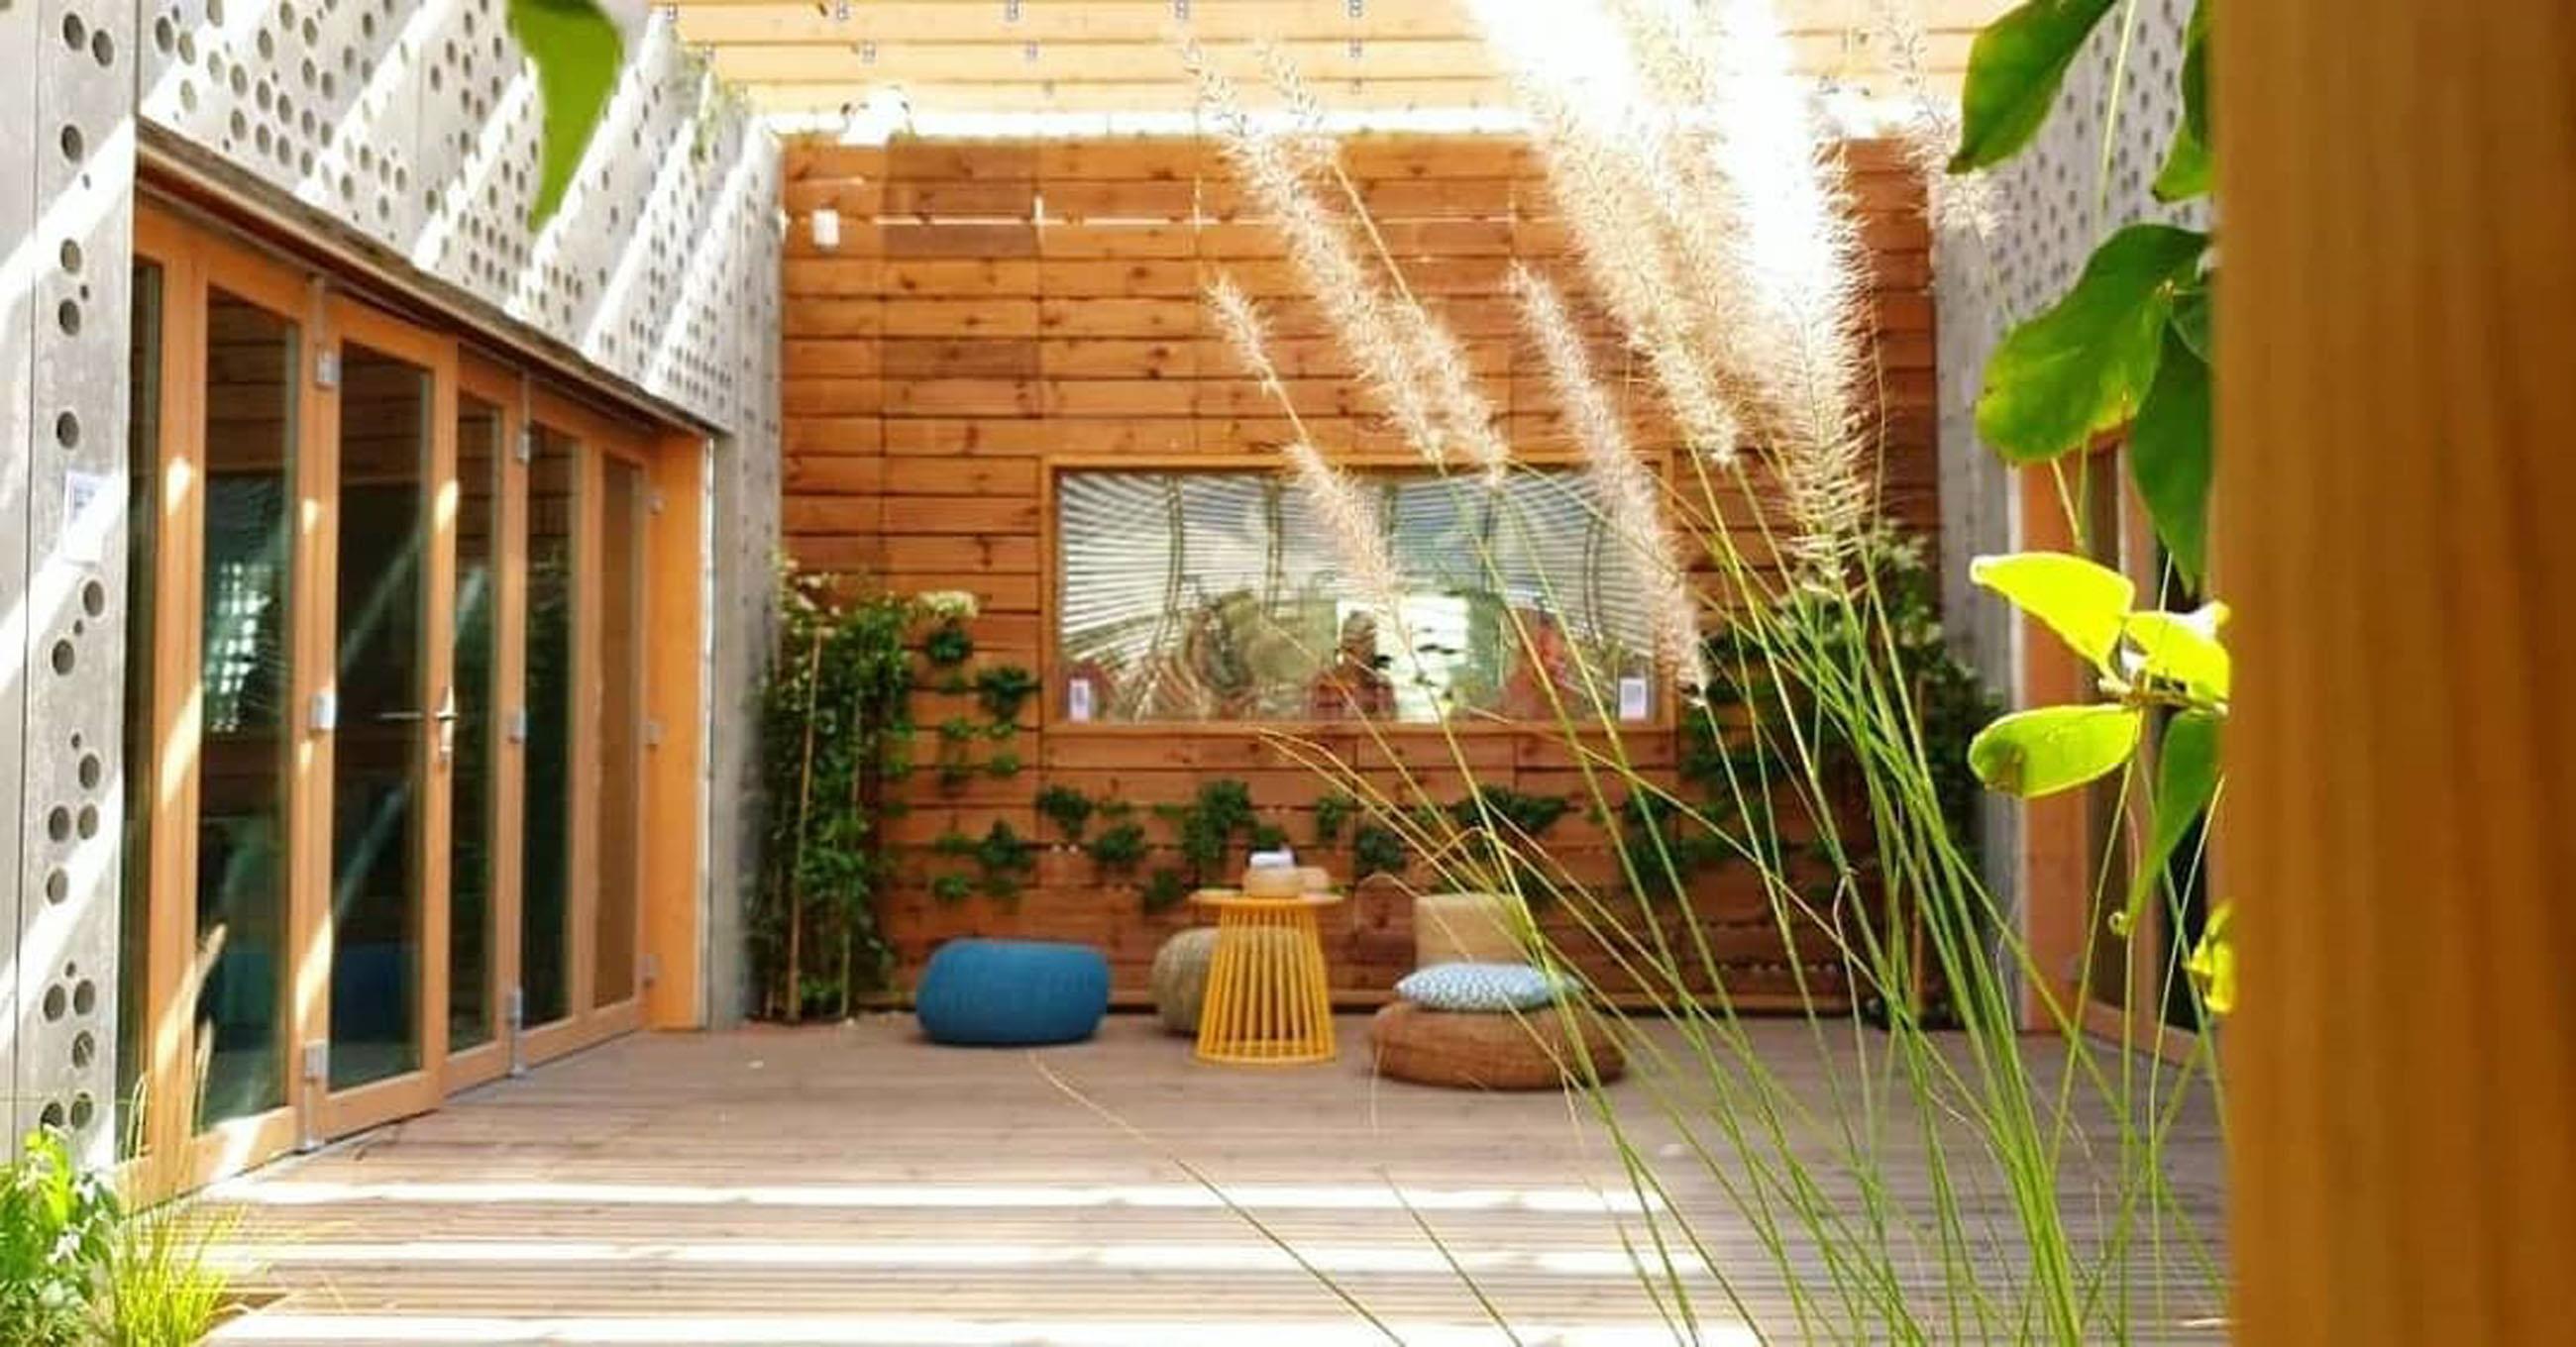 شنايدر إلكتريك تدعم مسابقة للجامعات لتصميم البيوت المعتمدة على الطاقة الشمسية